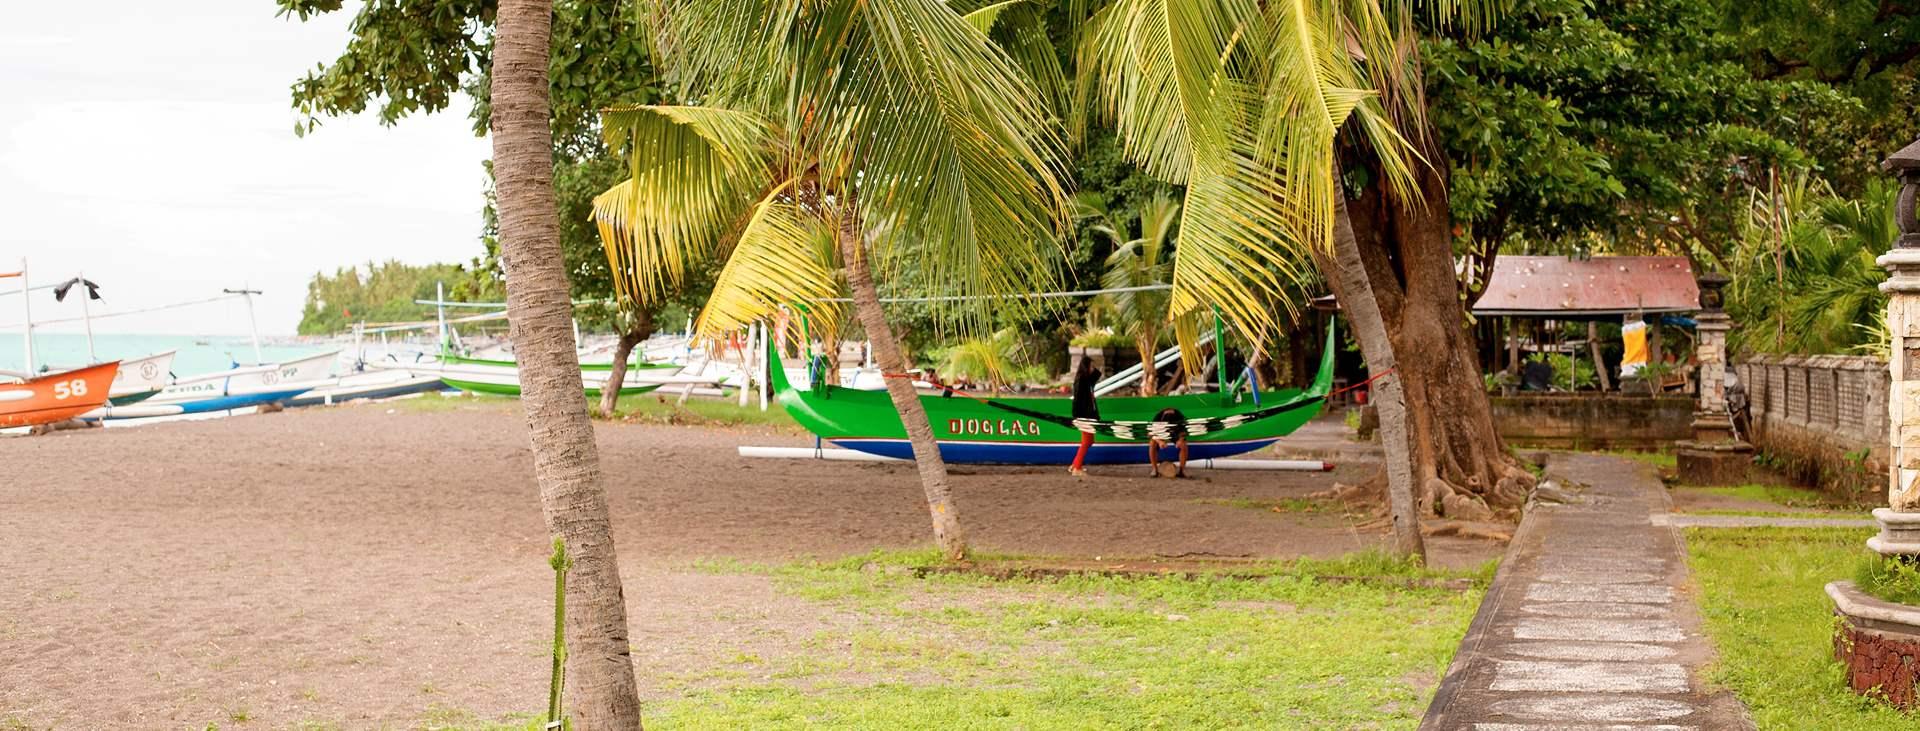 Boka en resa till Lovina Beach på Bali med Ving